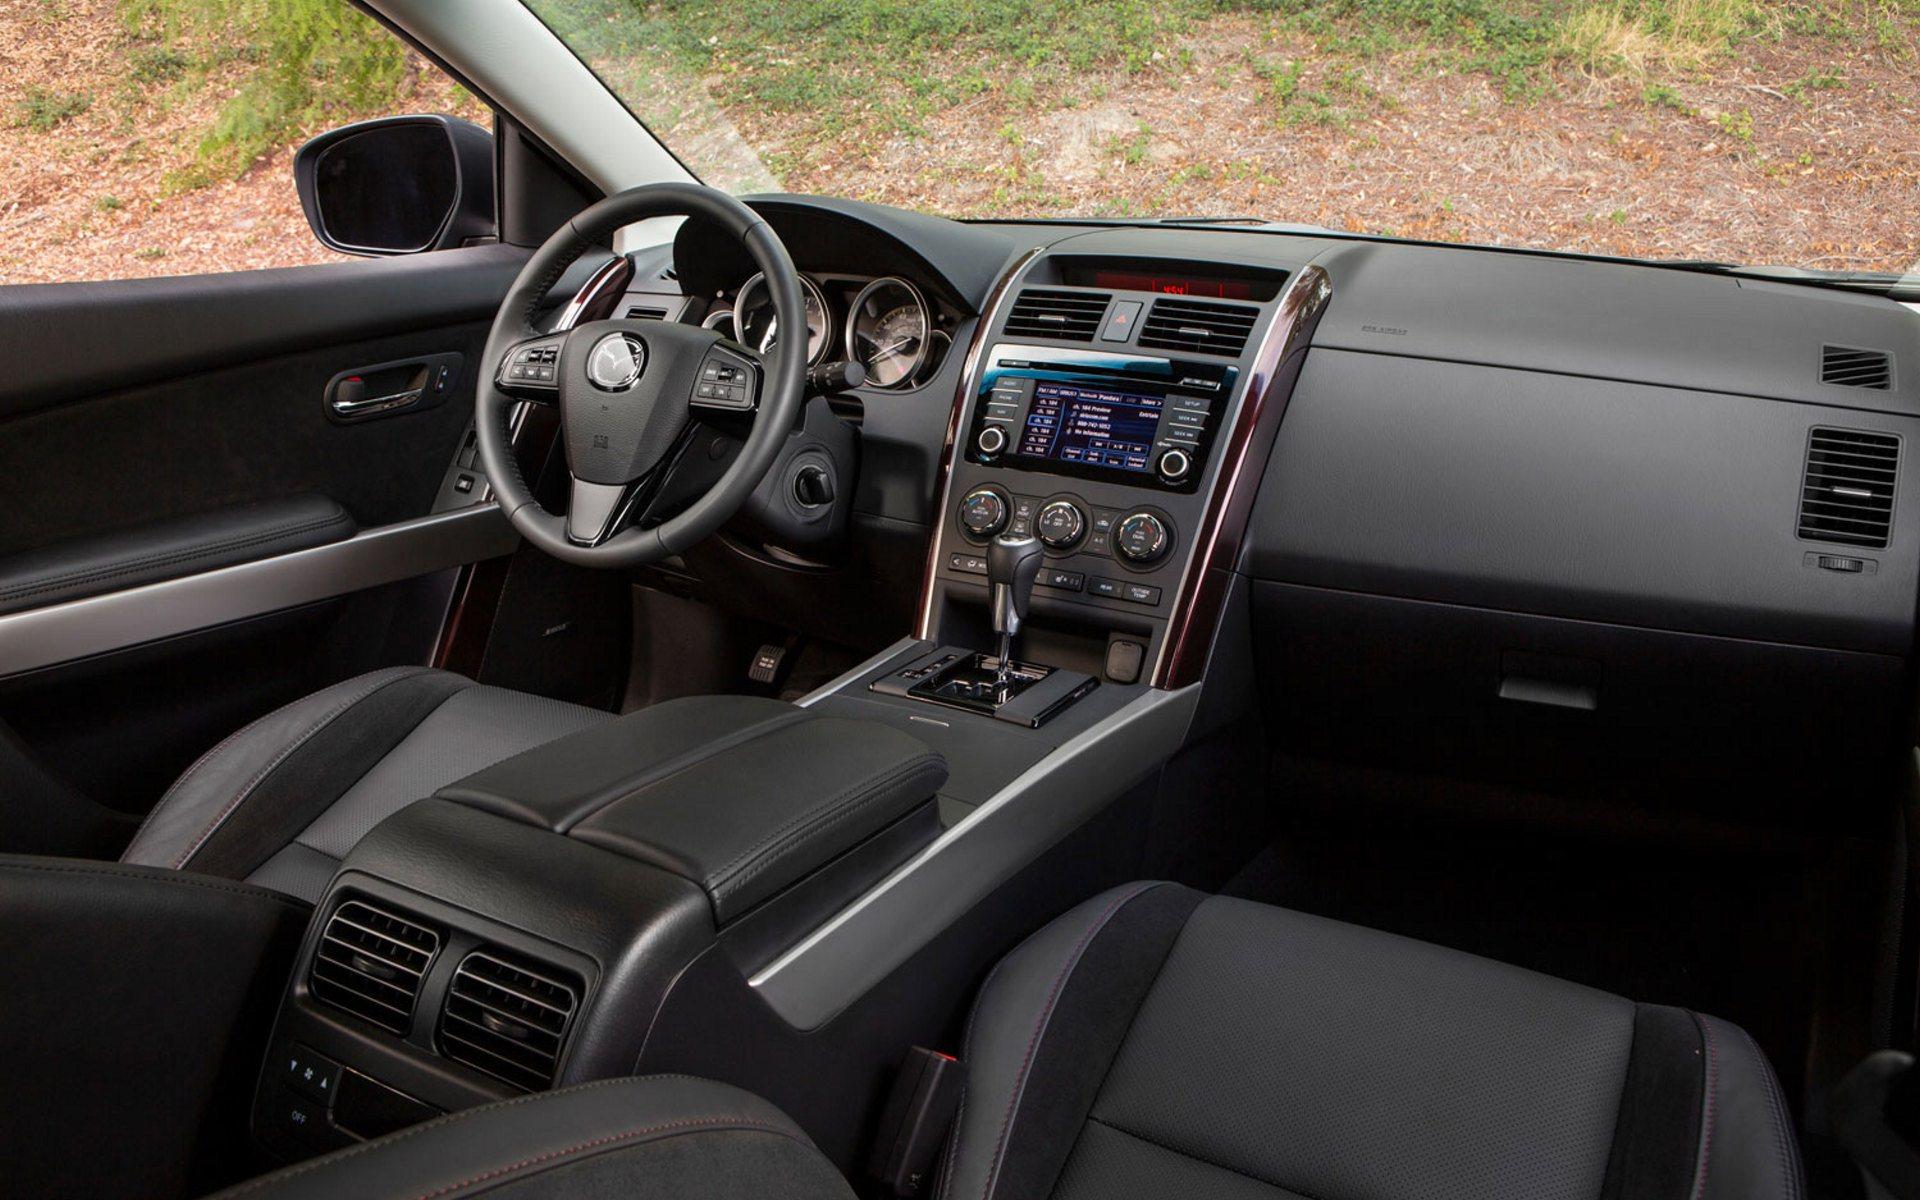 http://3.bp.blogspot.com/-RNC3N1935W4/UU66eCY0sWI/AAAAAAAASu4/hWOaowor1QU/s1920/2013-Mazda-CX-9-wallpaper-6.jpg